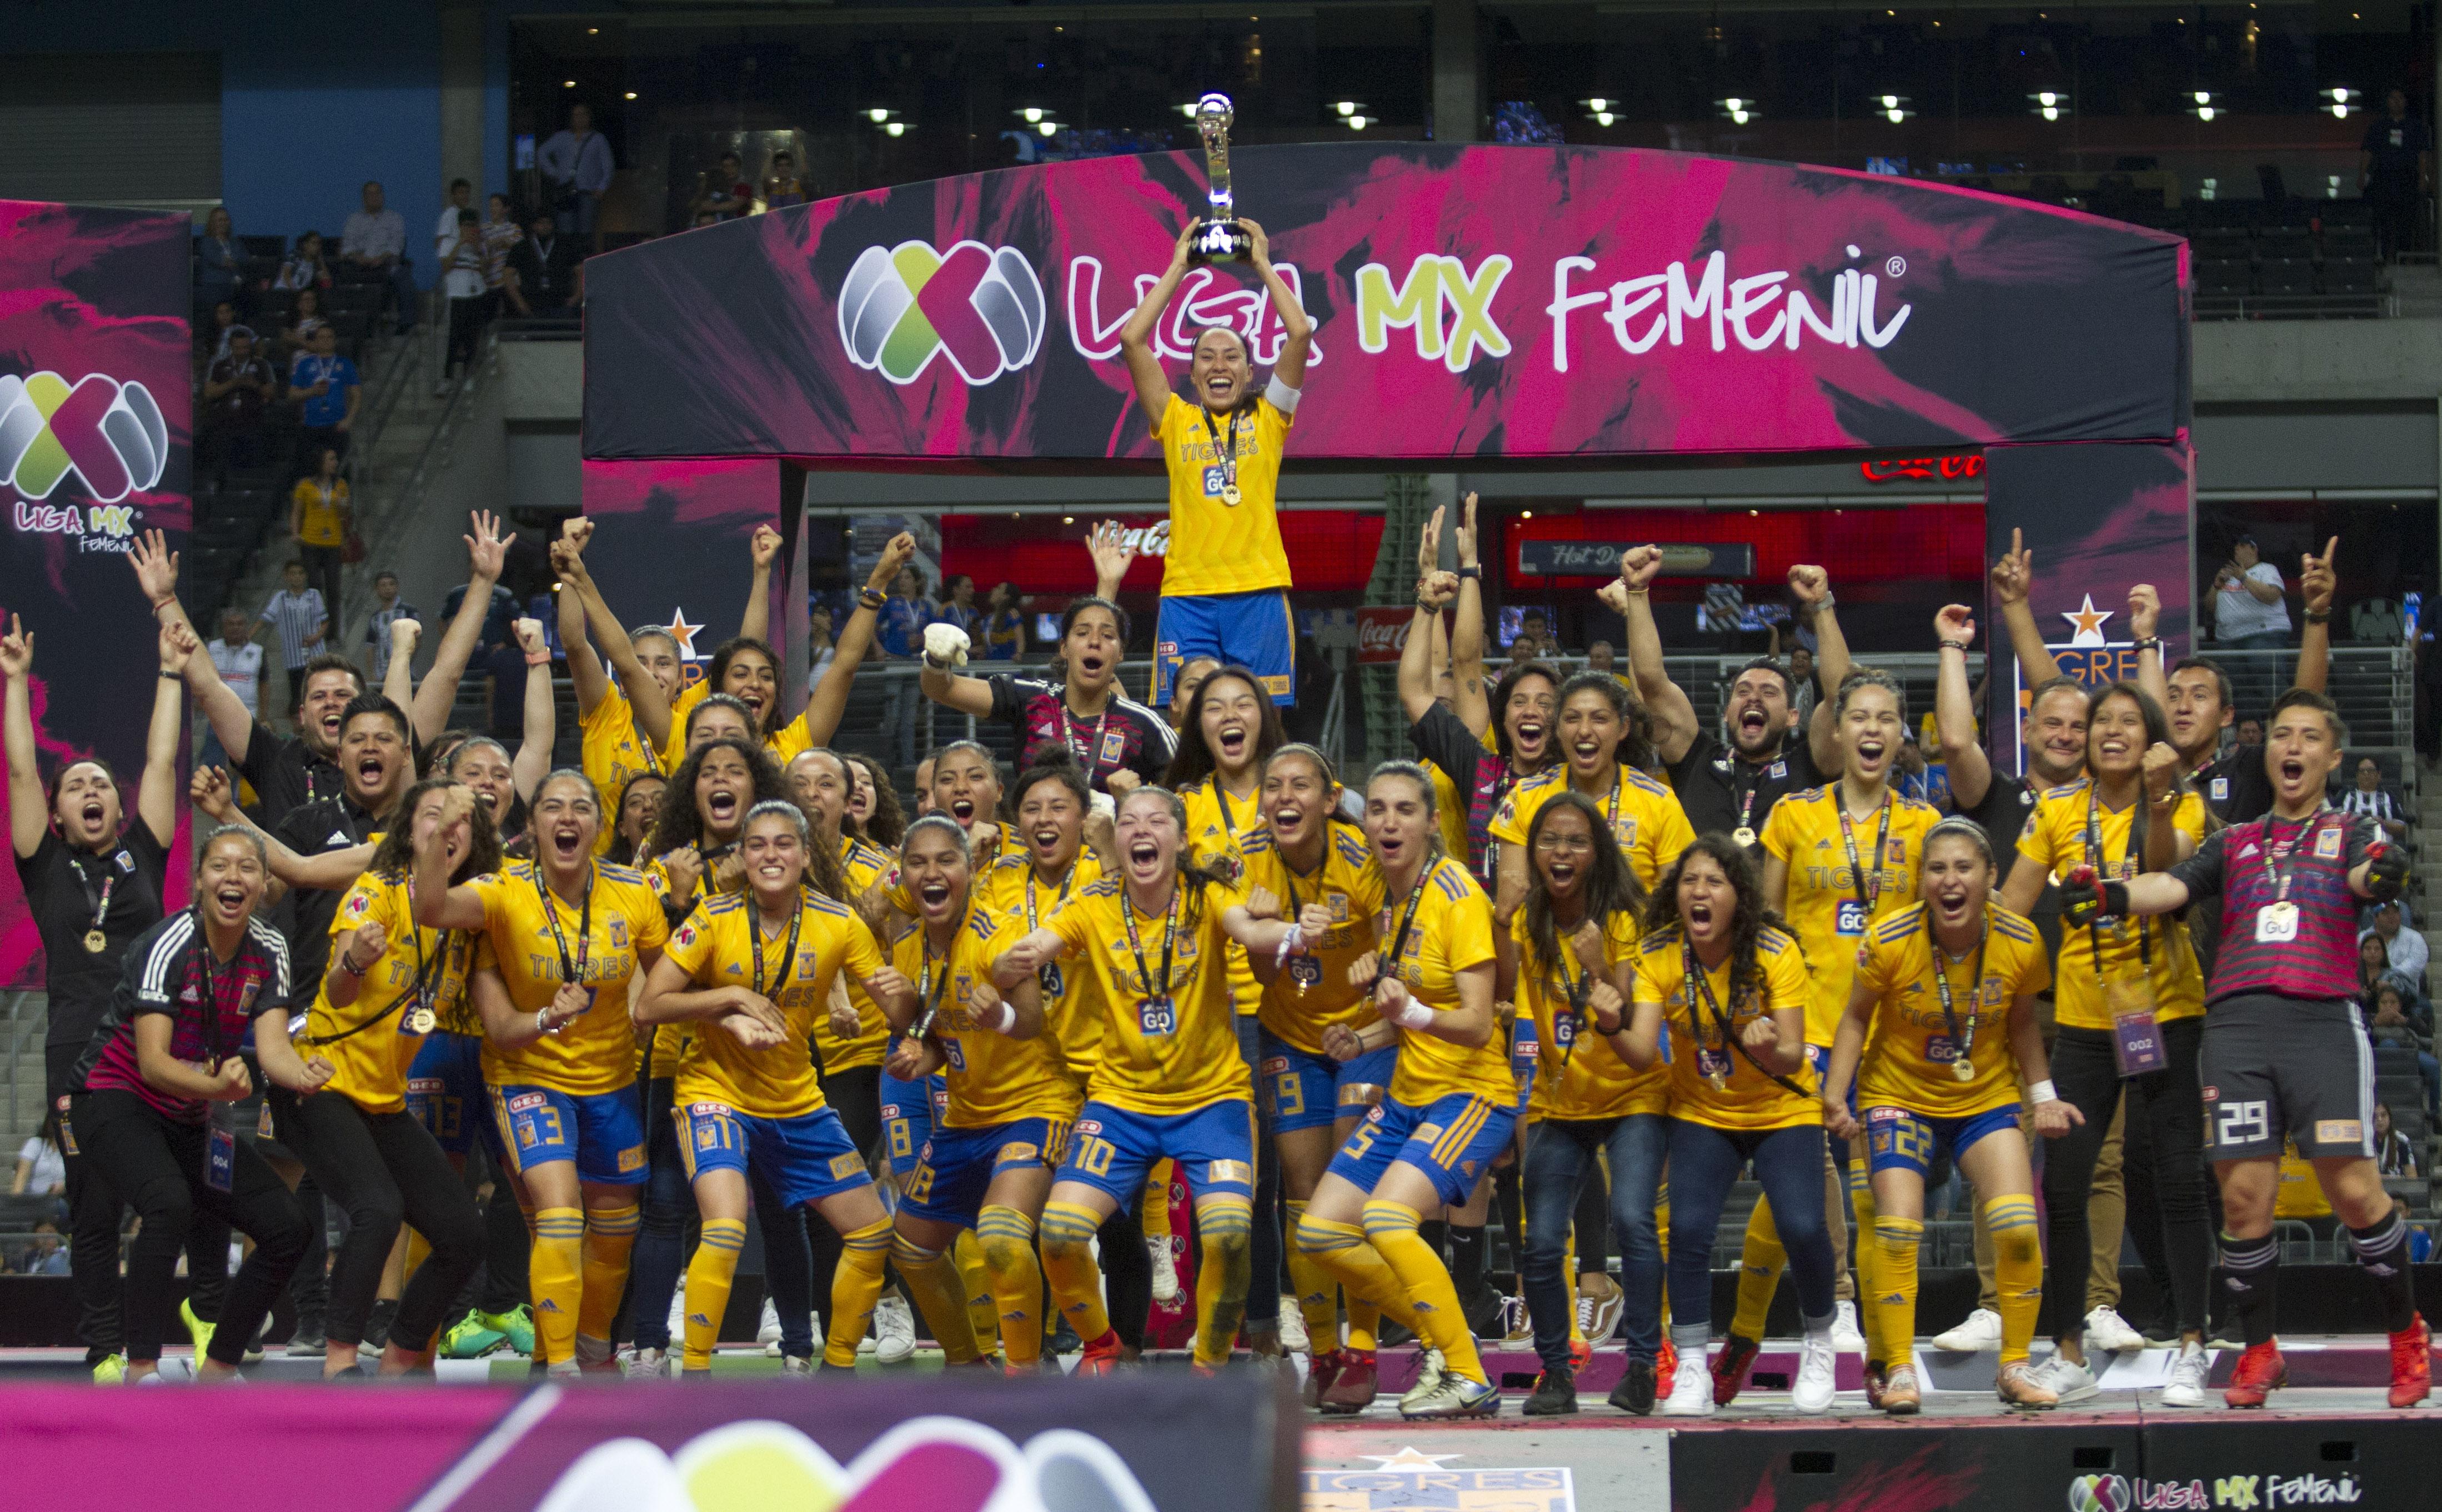 Jugadoras del equipo de Tigres Femenil, levantan la copa al ganar de visitantes 2 goles por 11 ante el equipo de las Rayadas del Monterrey, en el estadio BBVA Bancomer en la Liga MX Femenil, Clausura 2019 (Foto: Cuartoscuro)